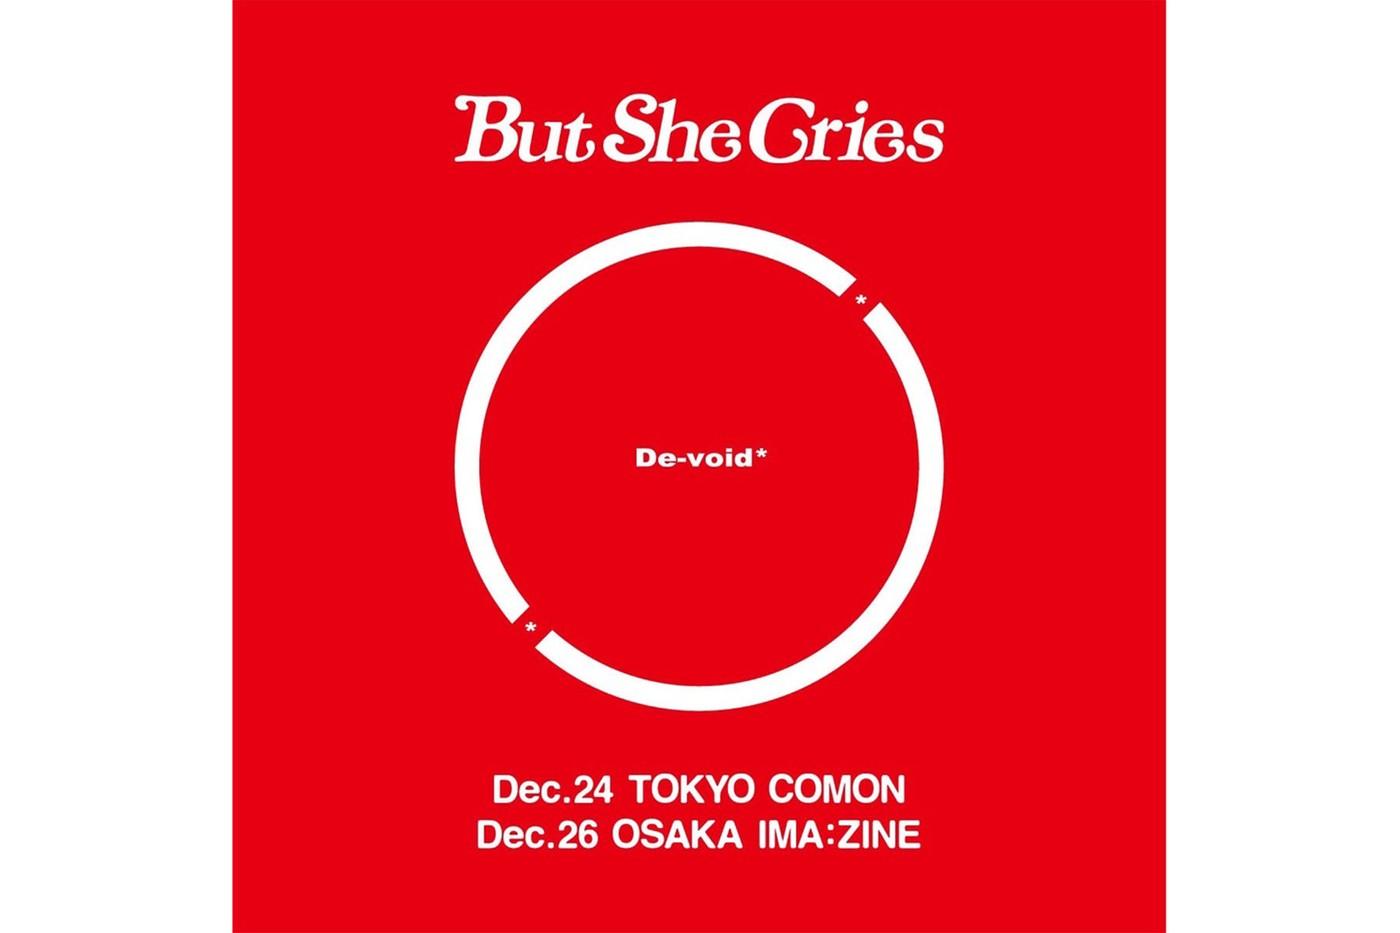 ストリートなイベント【東京】VERDY × DE-VOID* POP UP SHOP クリスマス前後にkZmを擁するレーベルDe-void*とVERDY によるコラボポップアップが開催!